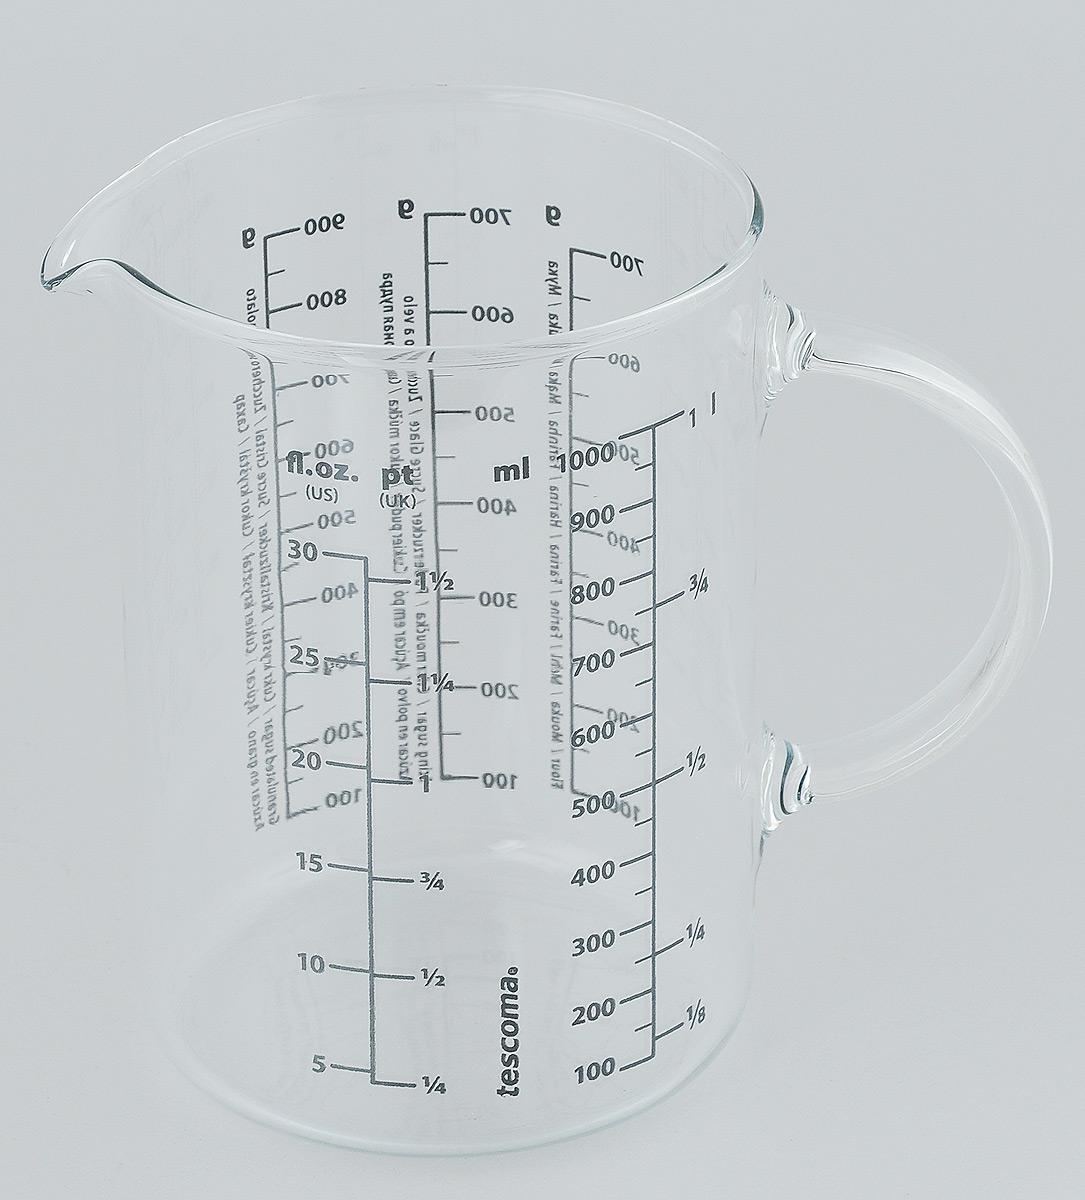 Стакан мерный Tescoma Delicia, 1 л630434Мерный прозрачный стакан Tescoma Delicia выполнен из высококачественного стекла. Стакан оснащен удобной ручкой и носиком, которые делают изделие еще более простым в использовании. Он позволяет мерить жидкости до 1000 мл, муки и сахарной пудры до 700 г, сахара до 900 г, и возможность измерения в унциях. Такой стаканчик пригодится на каждой кухне, ведь зачастую приготовление некоторых блюд требует известной точности.Объем: 1000 мл.Диаметр (по верхнему краю): 10 см.Высота: 15 см.